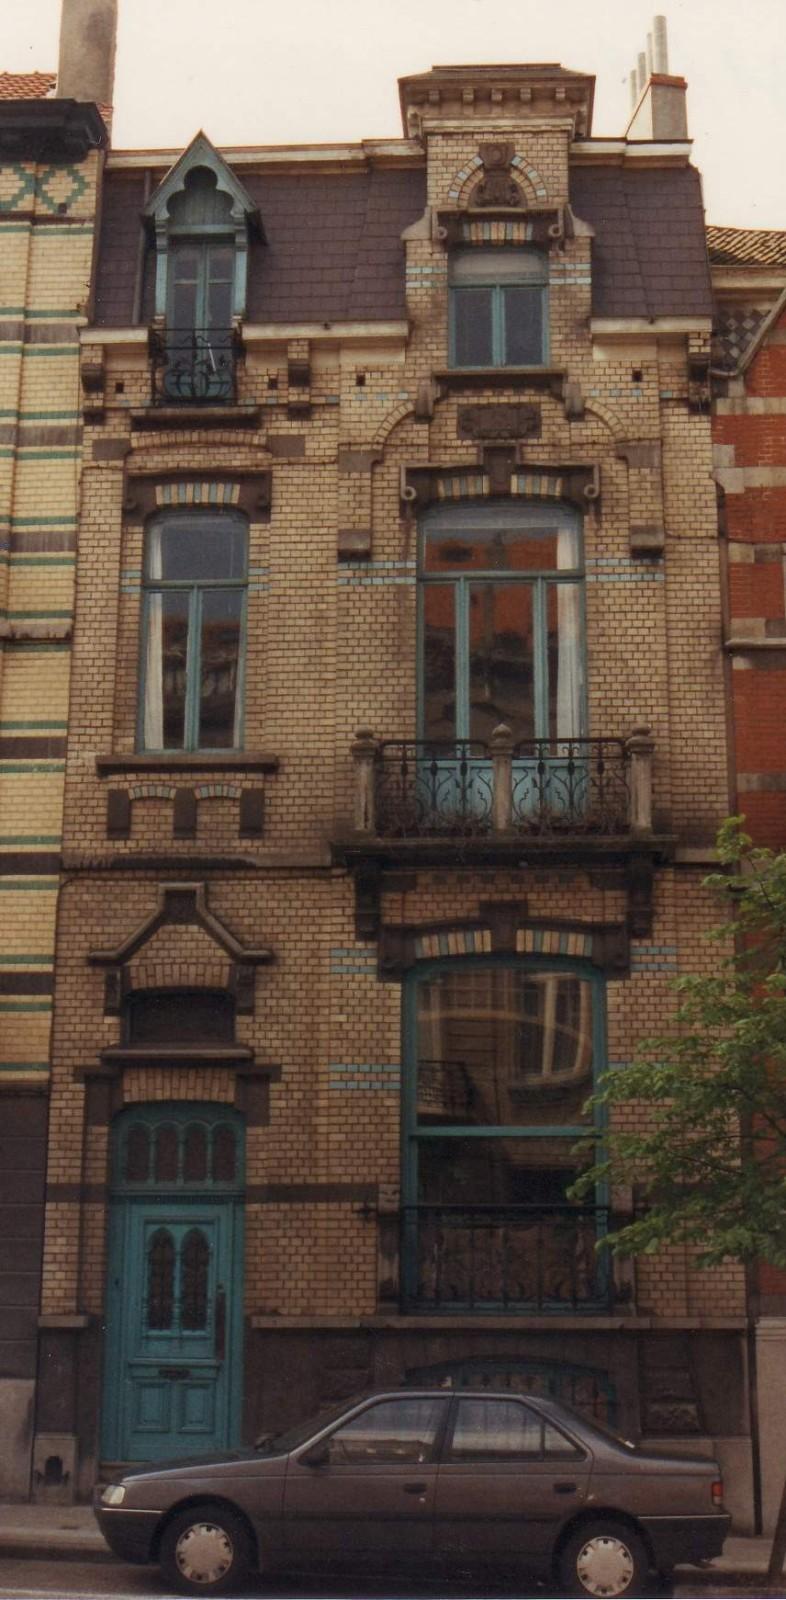 Oudergemlaan 255., 1994